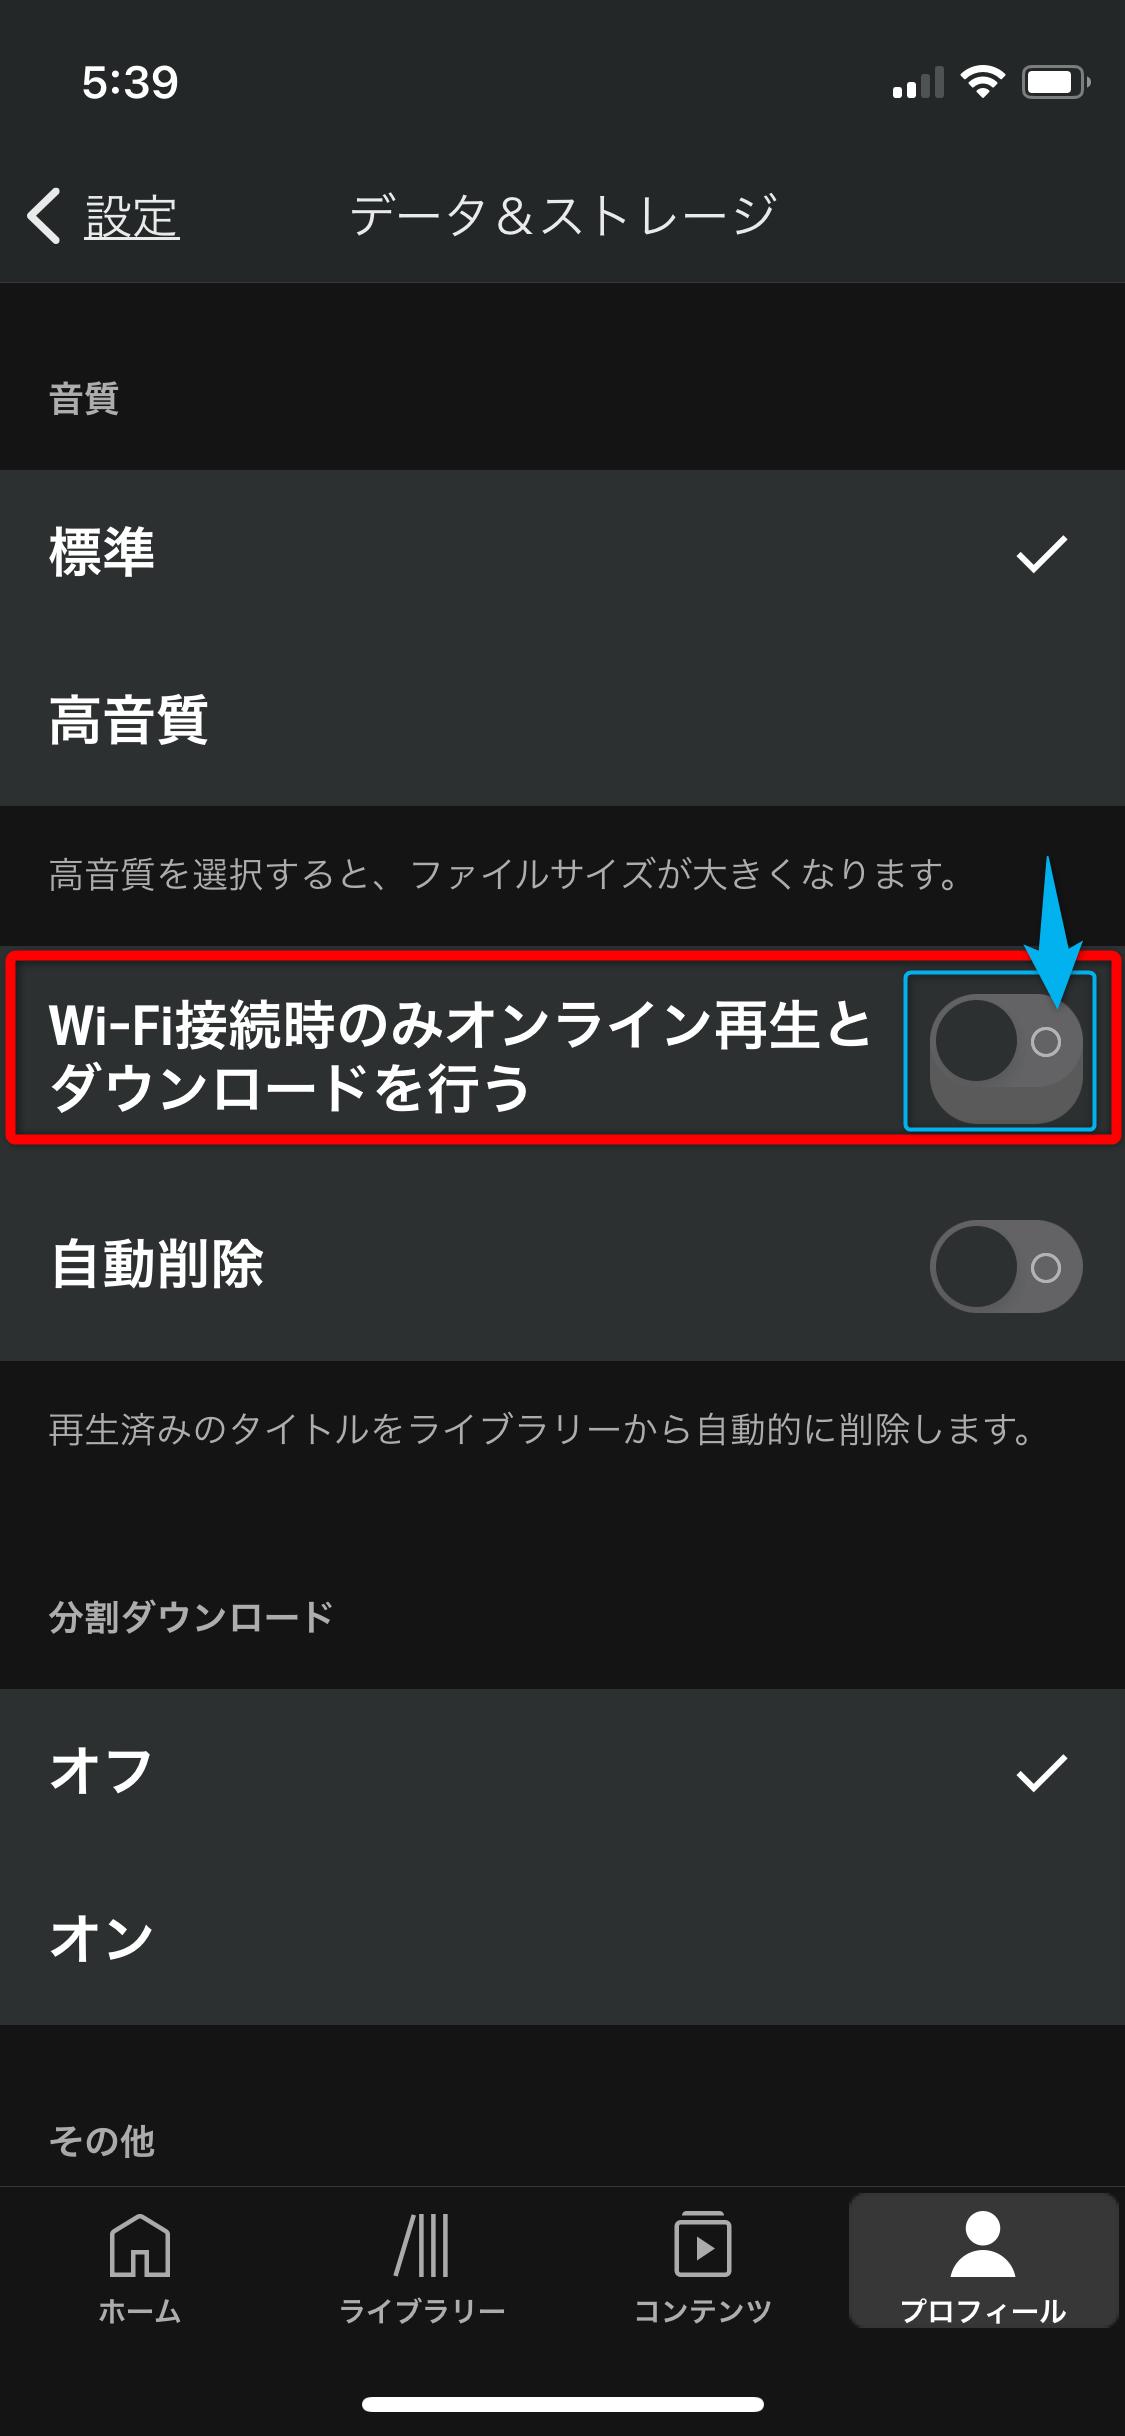 Audible(オーディブル)WiFi接続時のみダウンロードする設定